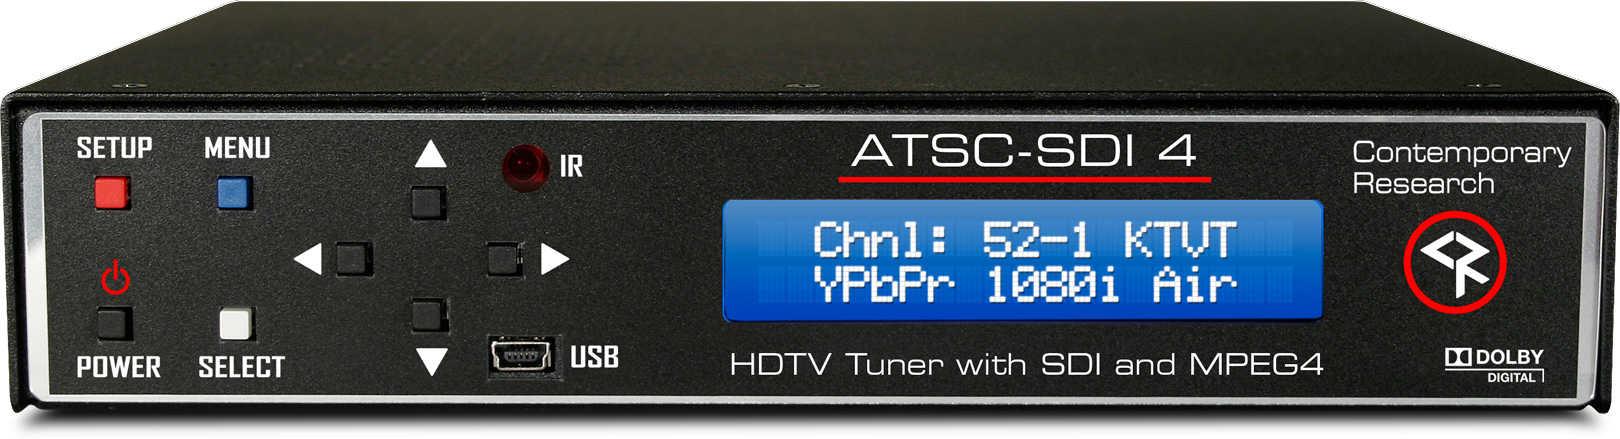 HDTV Tuner SDI & ASI